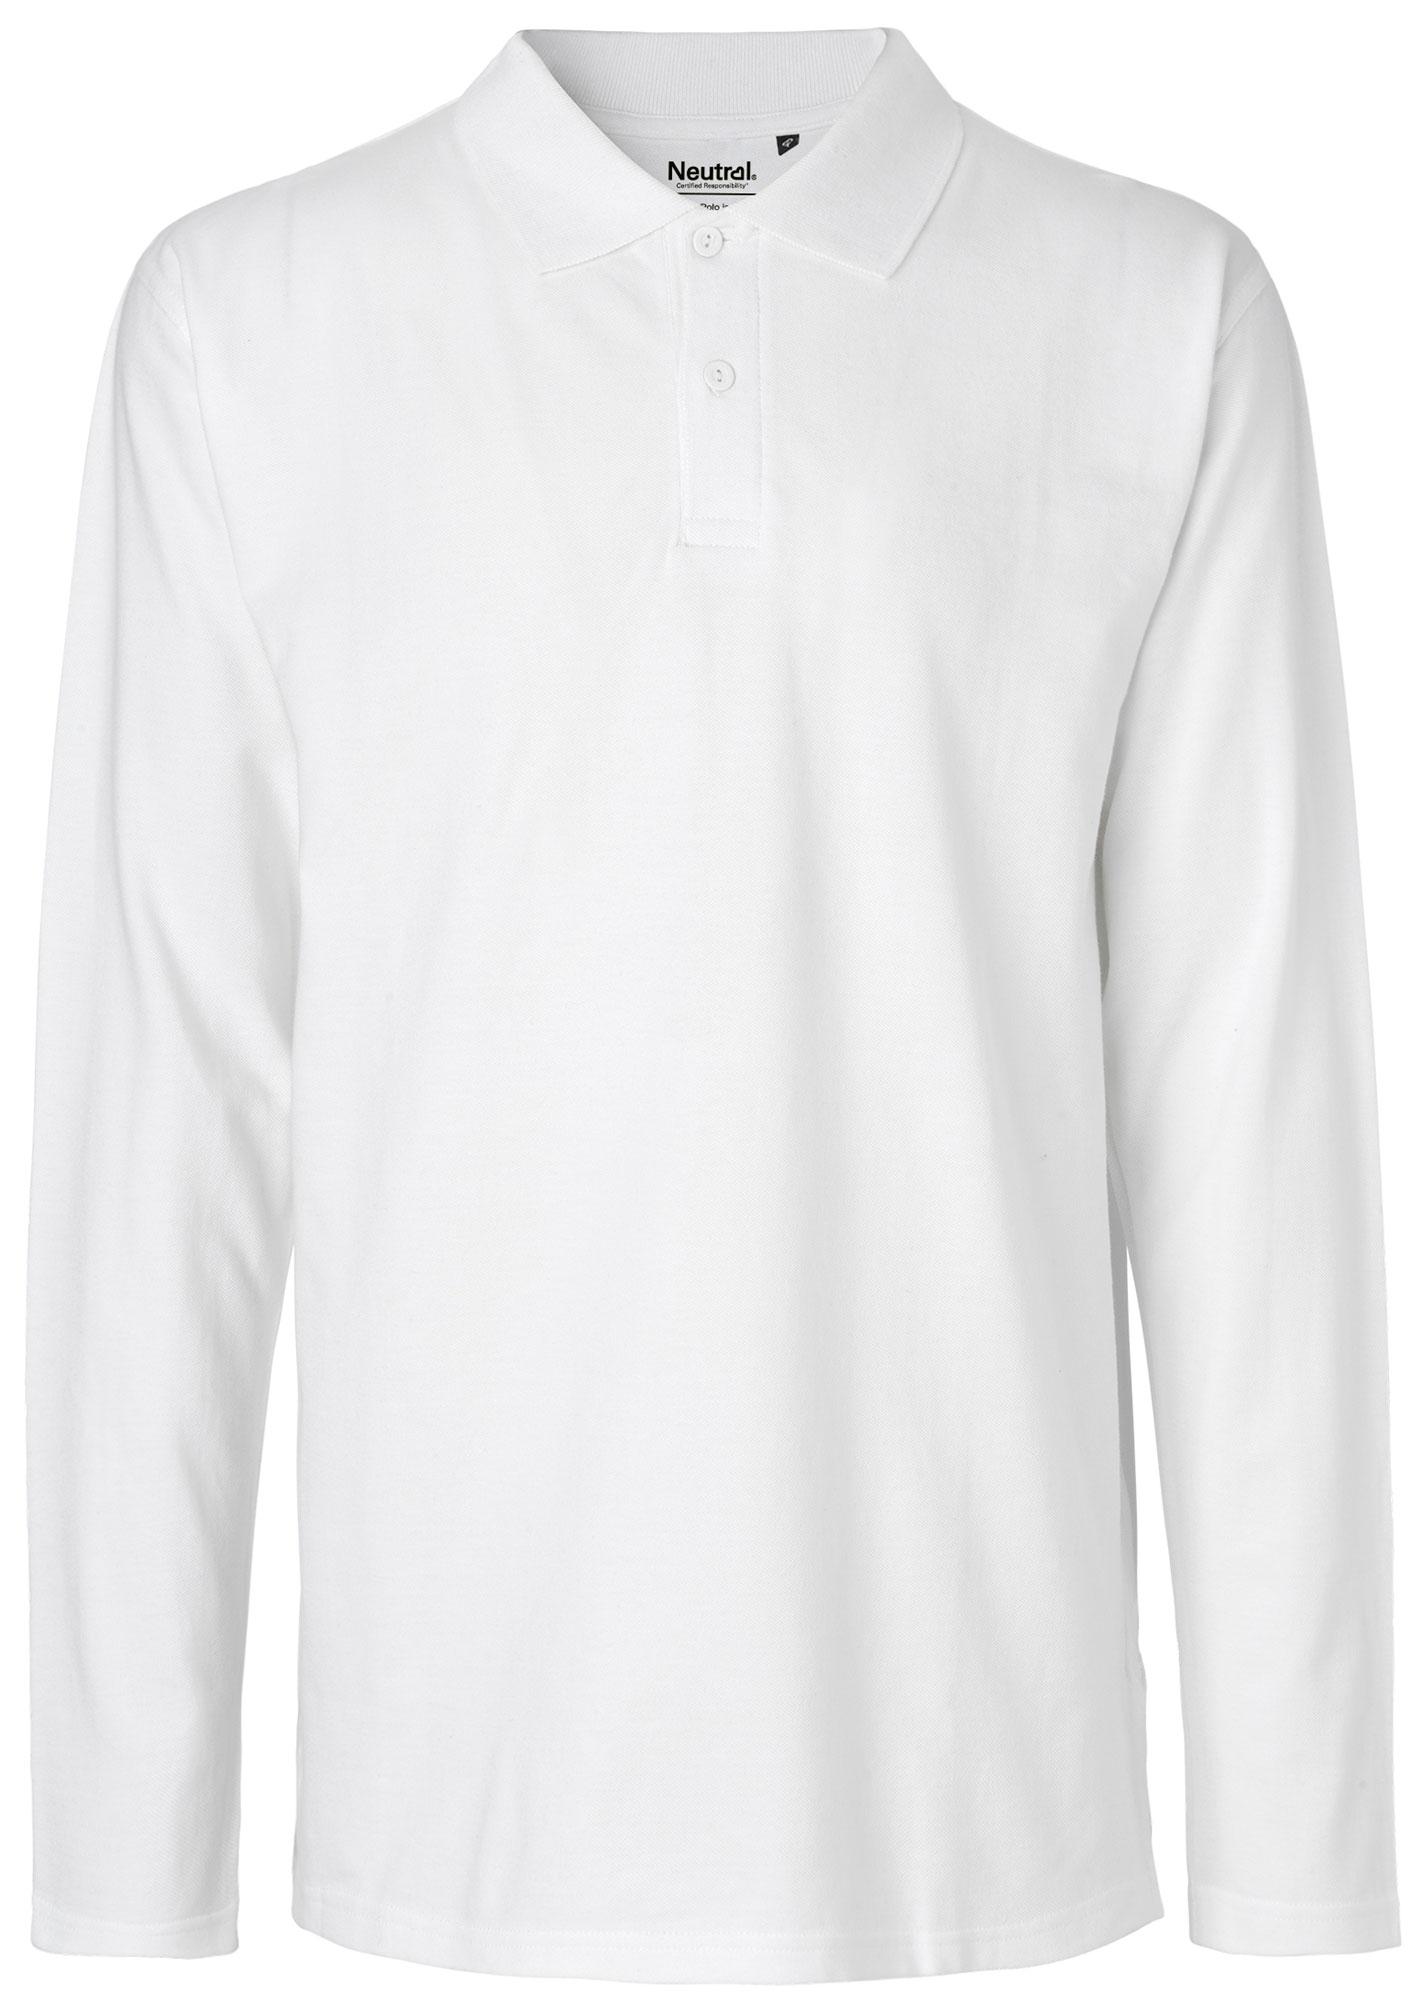 outlet store a7d5e ef492 Langarm Polo-Shirt aus Fairtrade Bio-Baumwolle - weiss